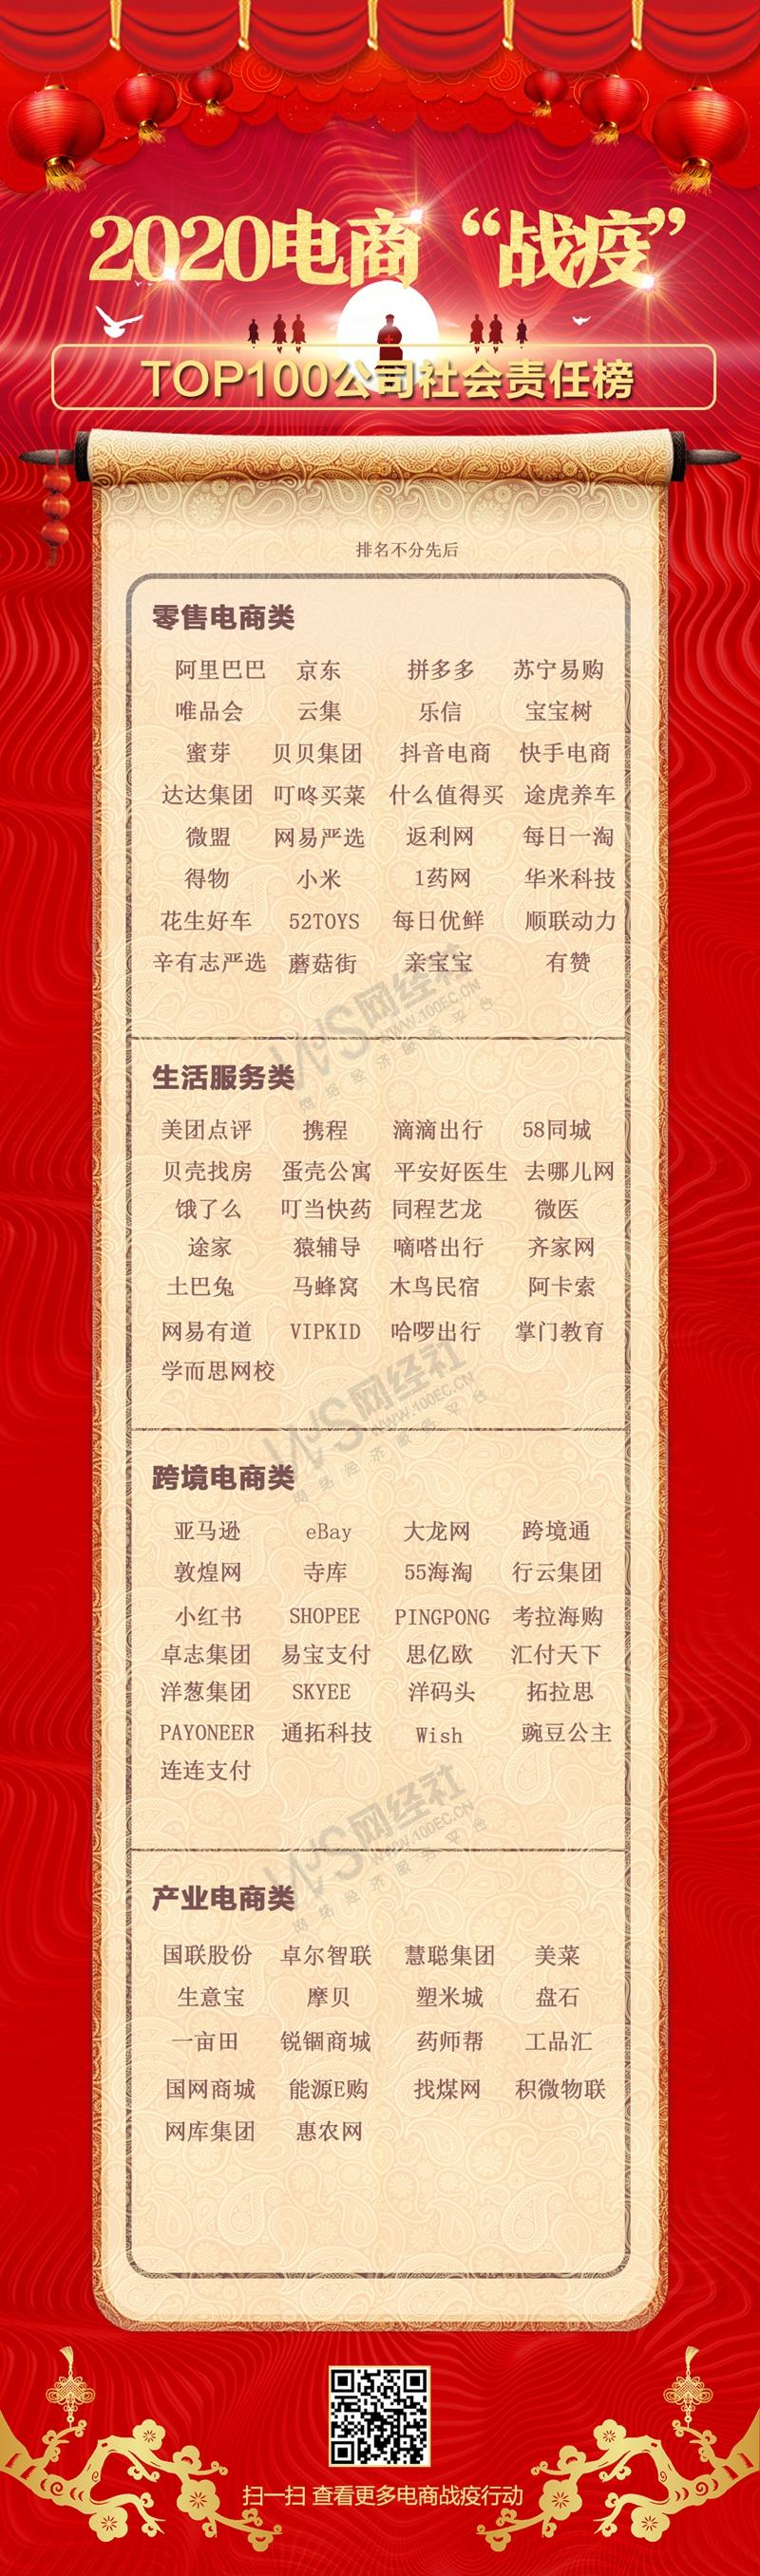 """2020電商""""戰疫""""TOP100公司社會責任榜.jpg"""